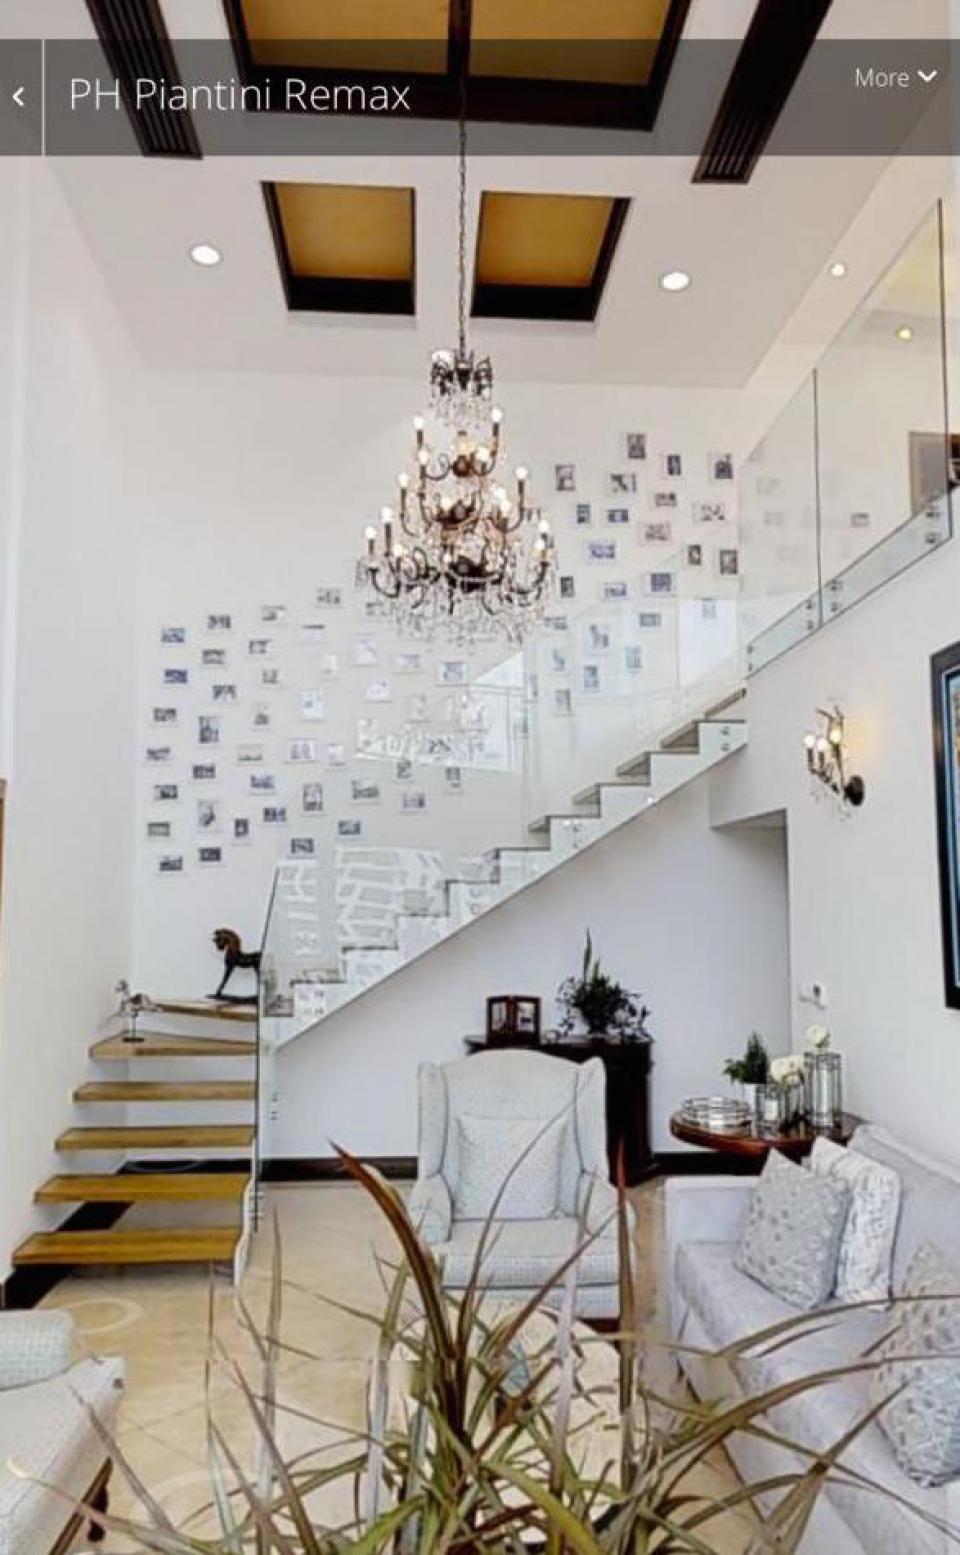 Penthouse en venta en el sector PIANTINI precio US$ 415,000.00 US$415,000